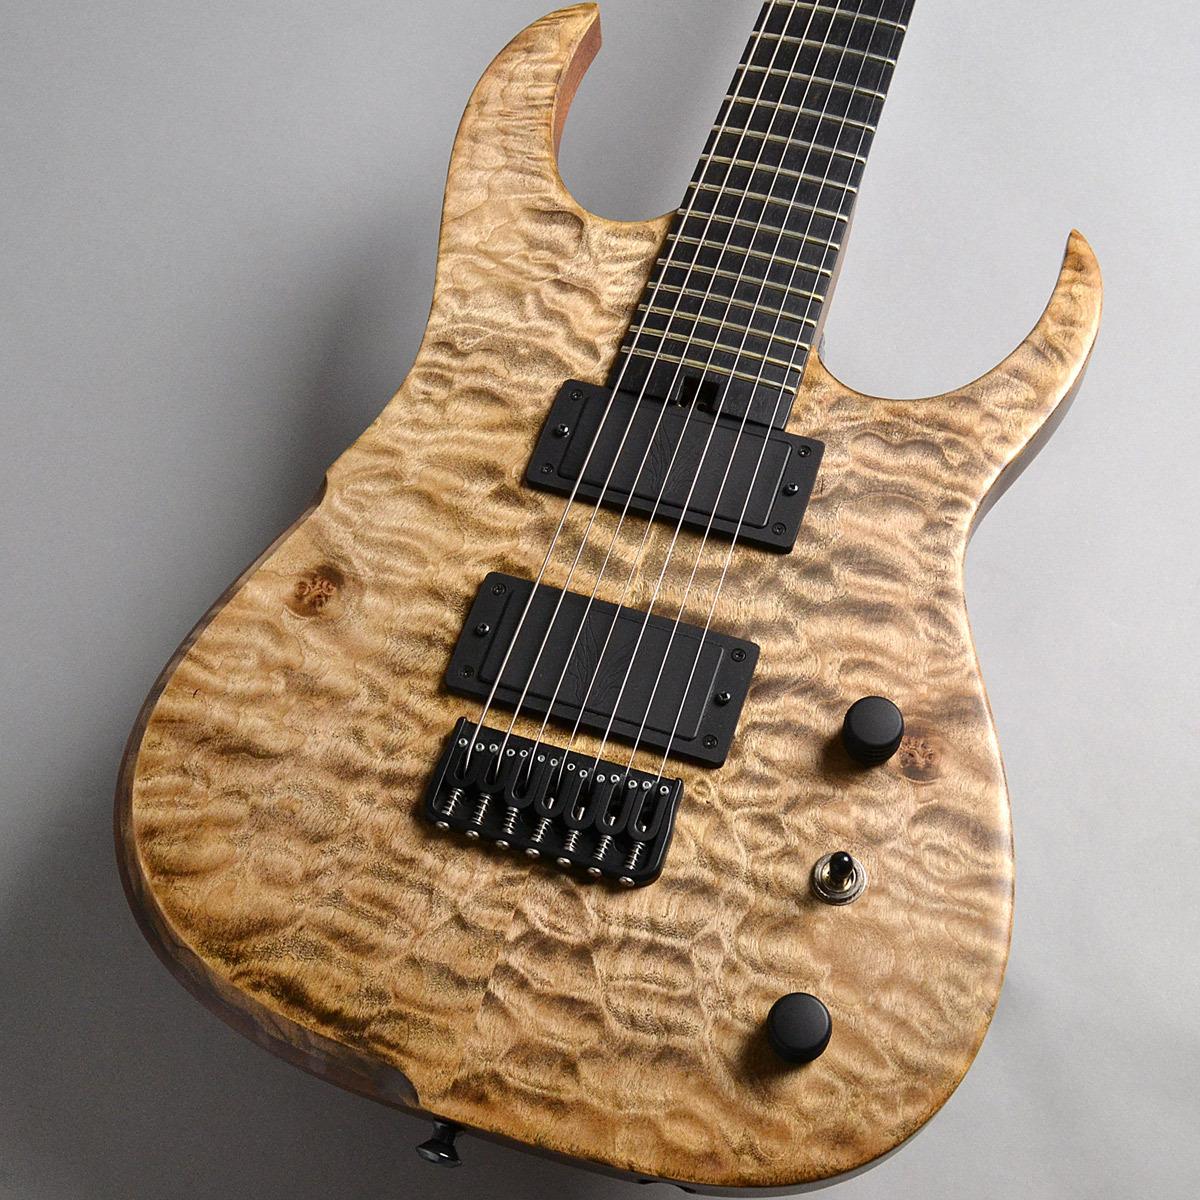 Hufschmid Guitars Hufschmid Guitars Tantalum 7st Reverse Inline Head QM 【ハフシュミッドギター】【新宿PePe店】